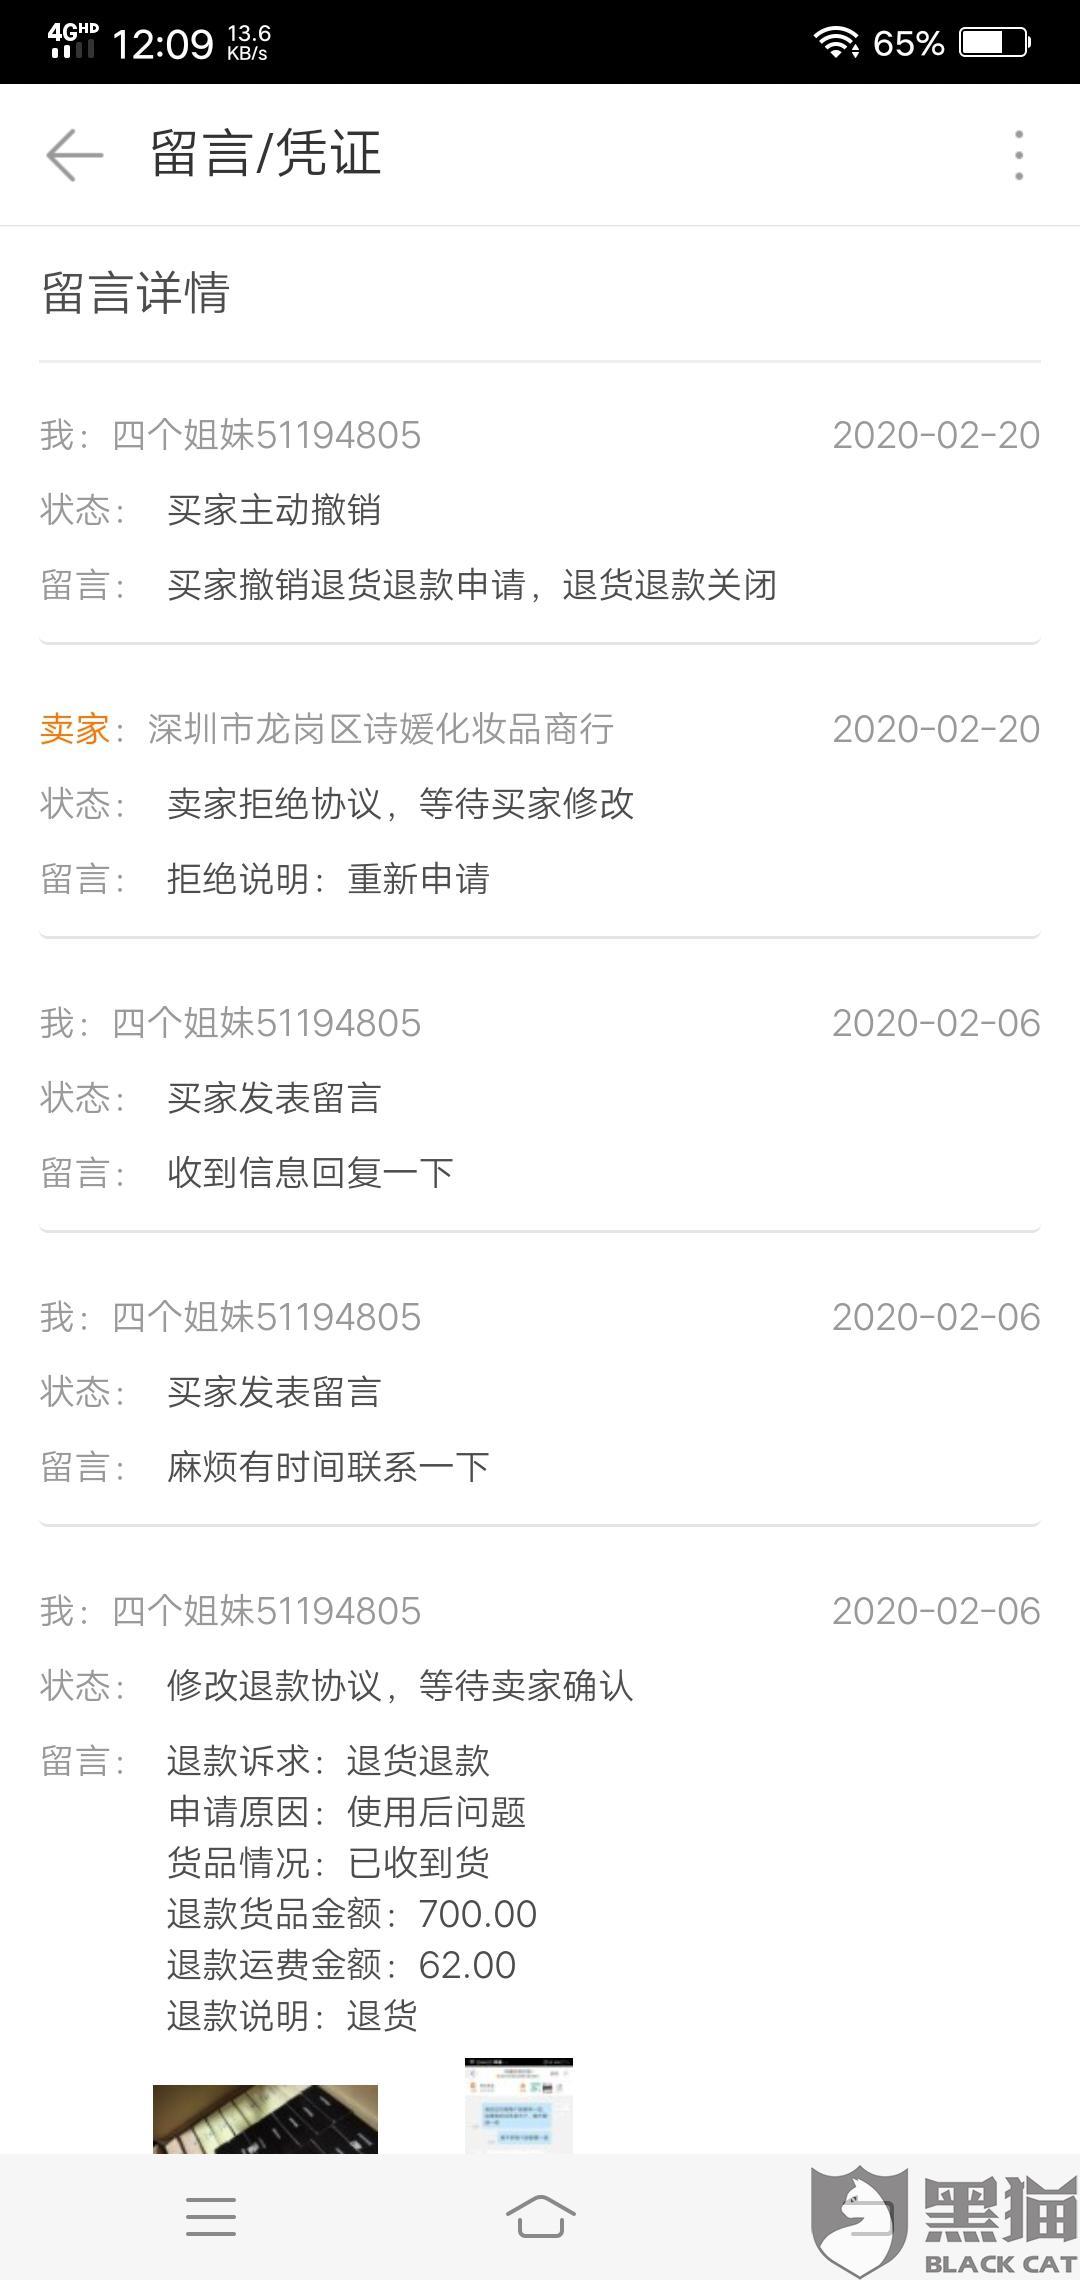 黑猫投诉:深圳市龙岗区诗媛化妆品商行